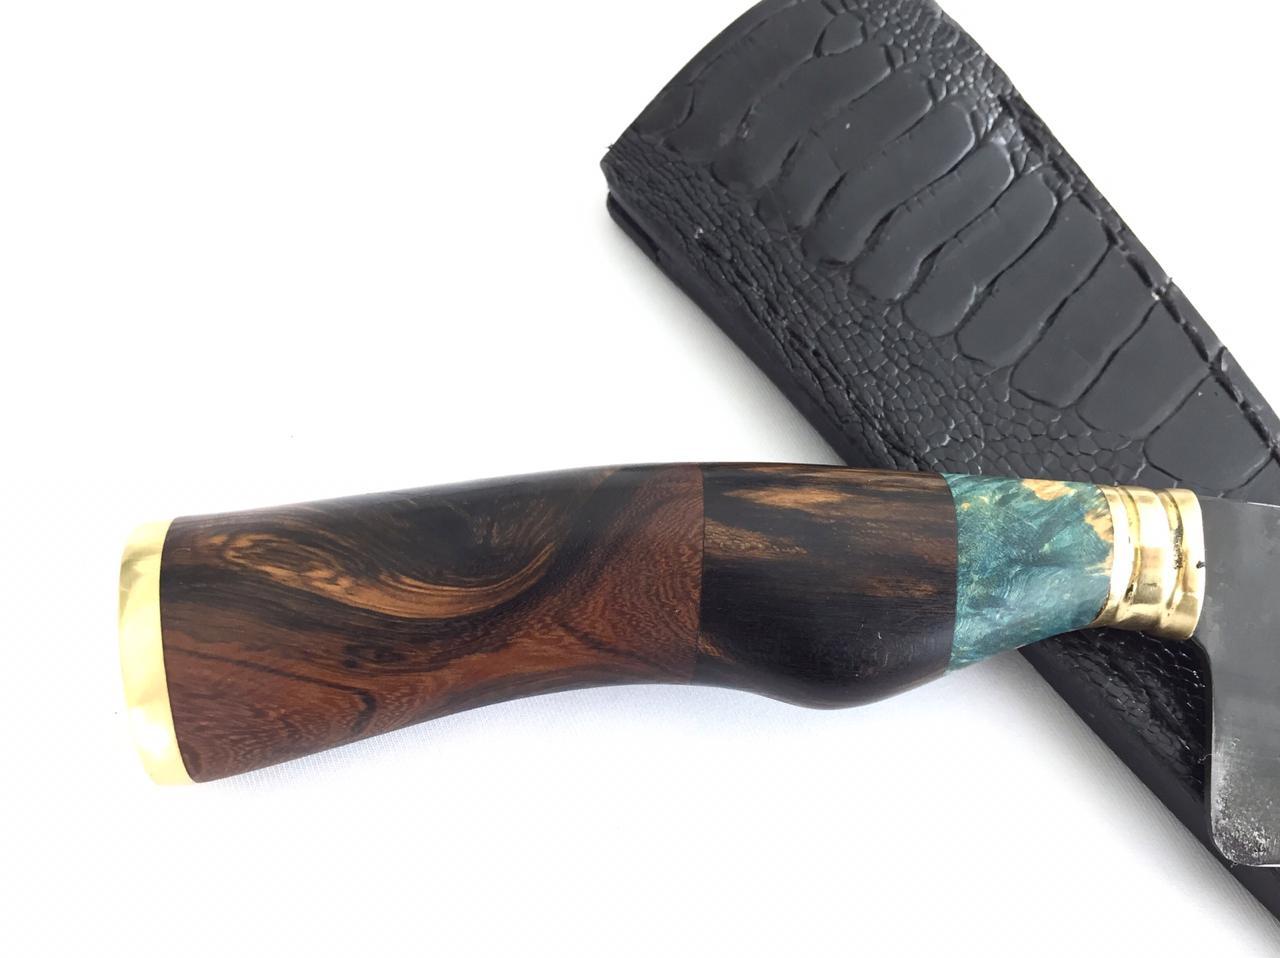 Faca artesanal tesoura de tosquia estabilizada